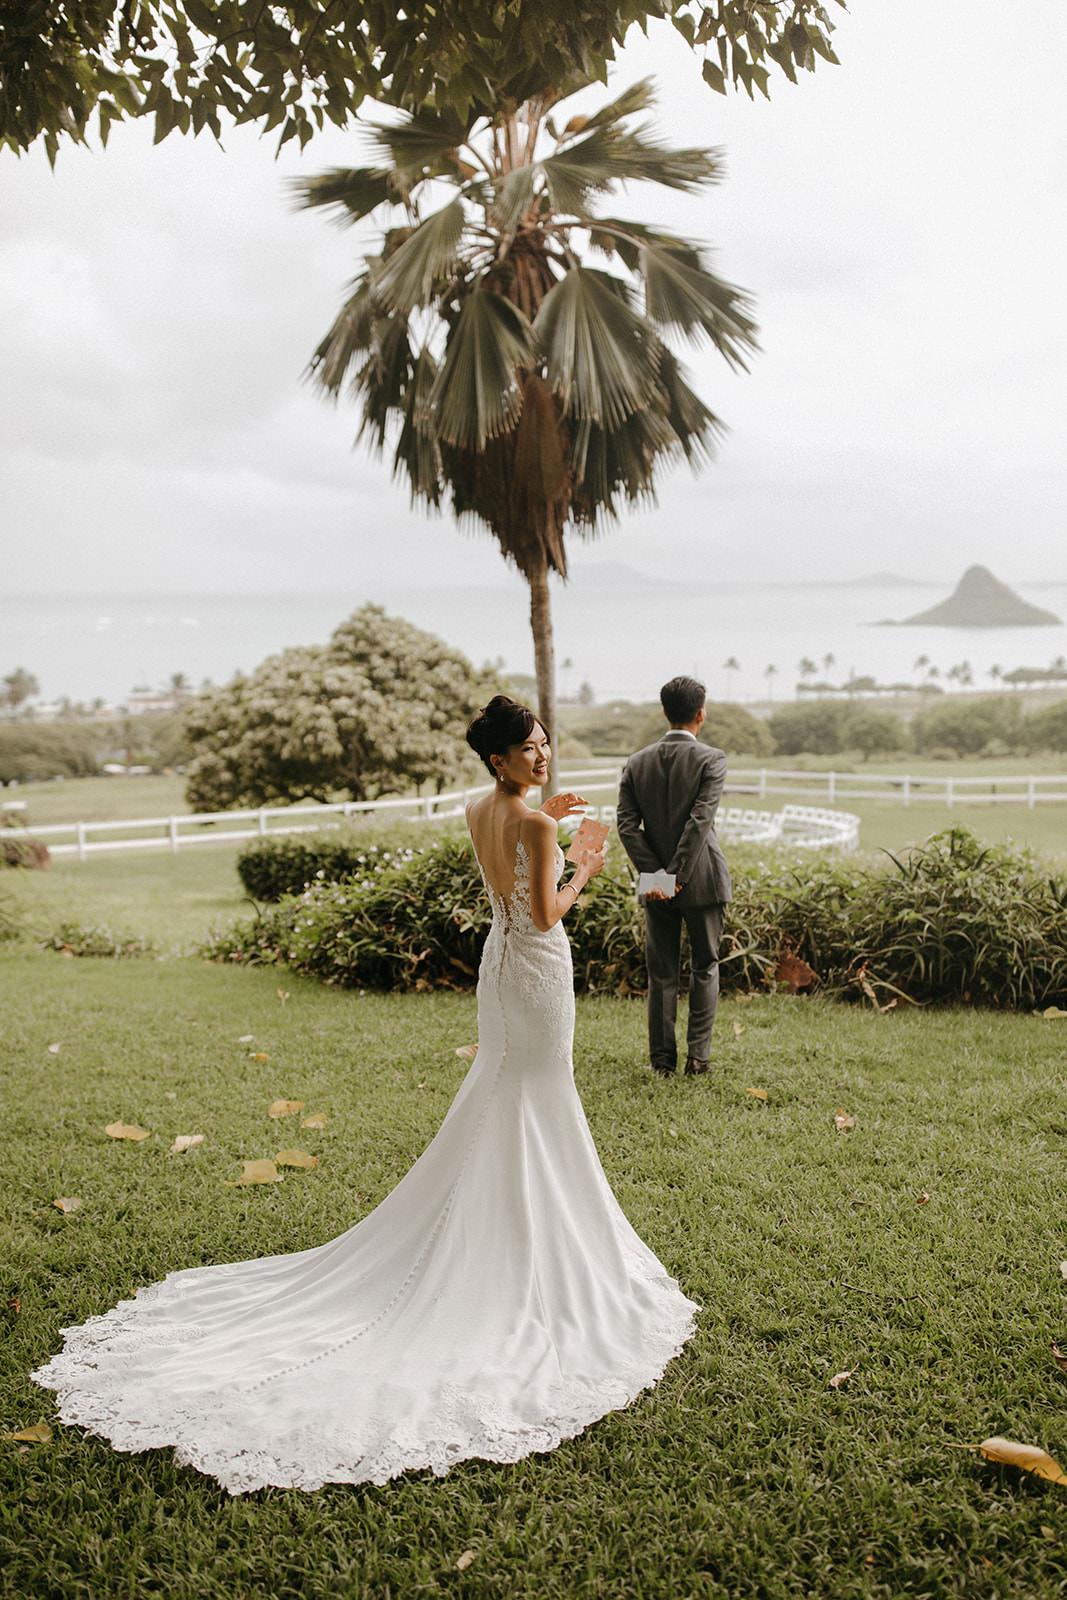 Kualoa_Hawaii_wedding_paliku17.jpg